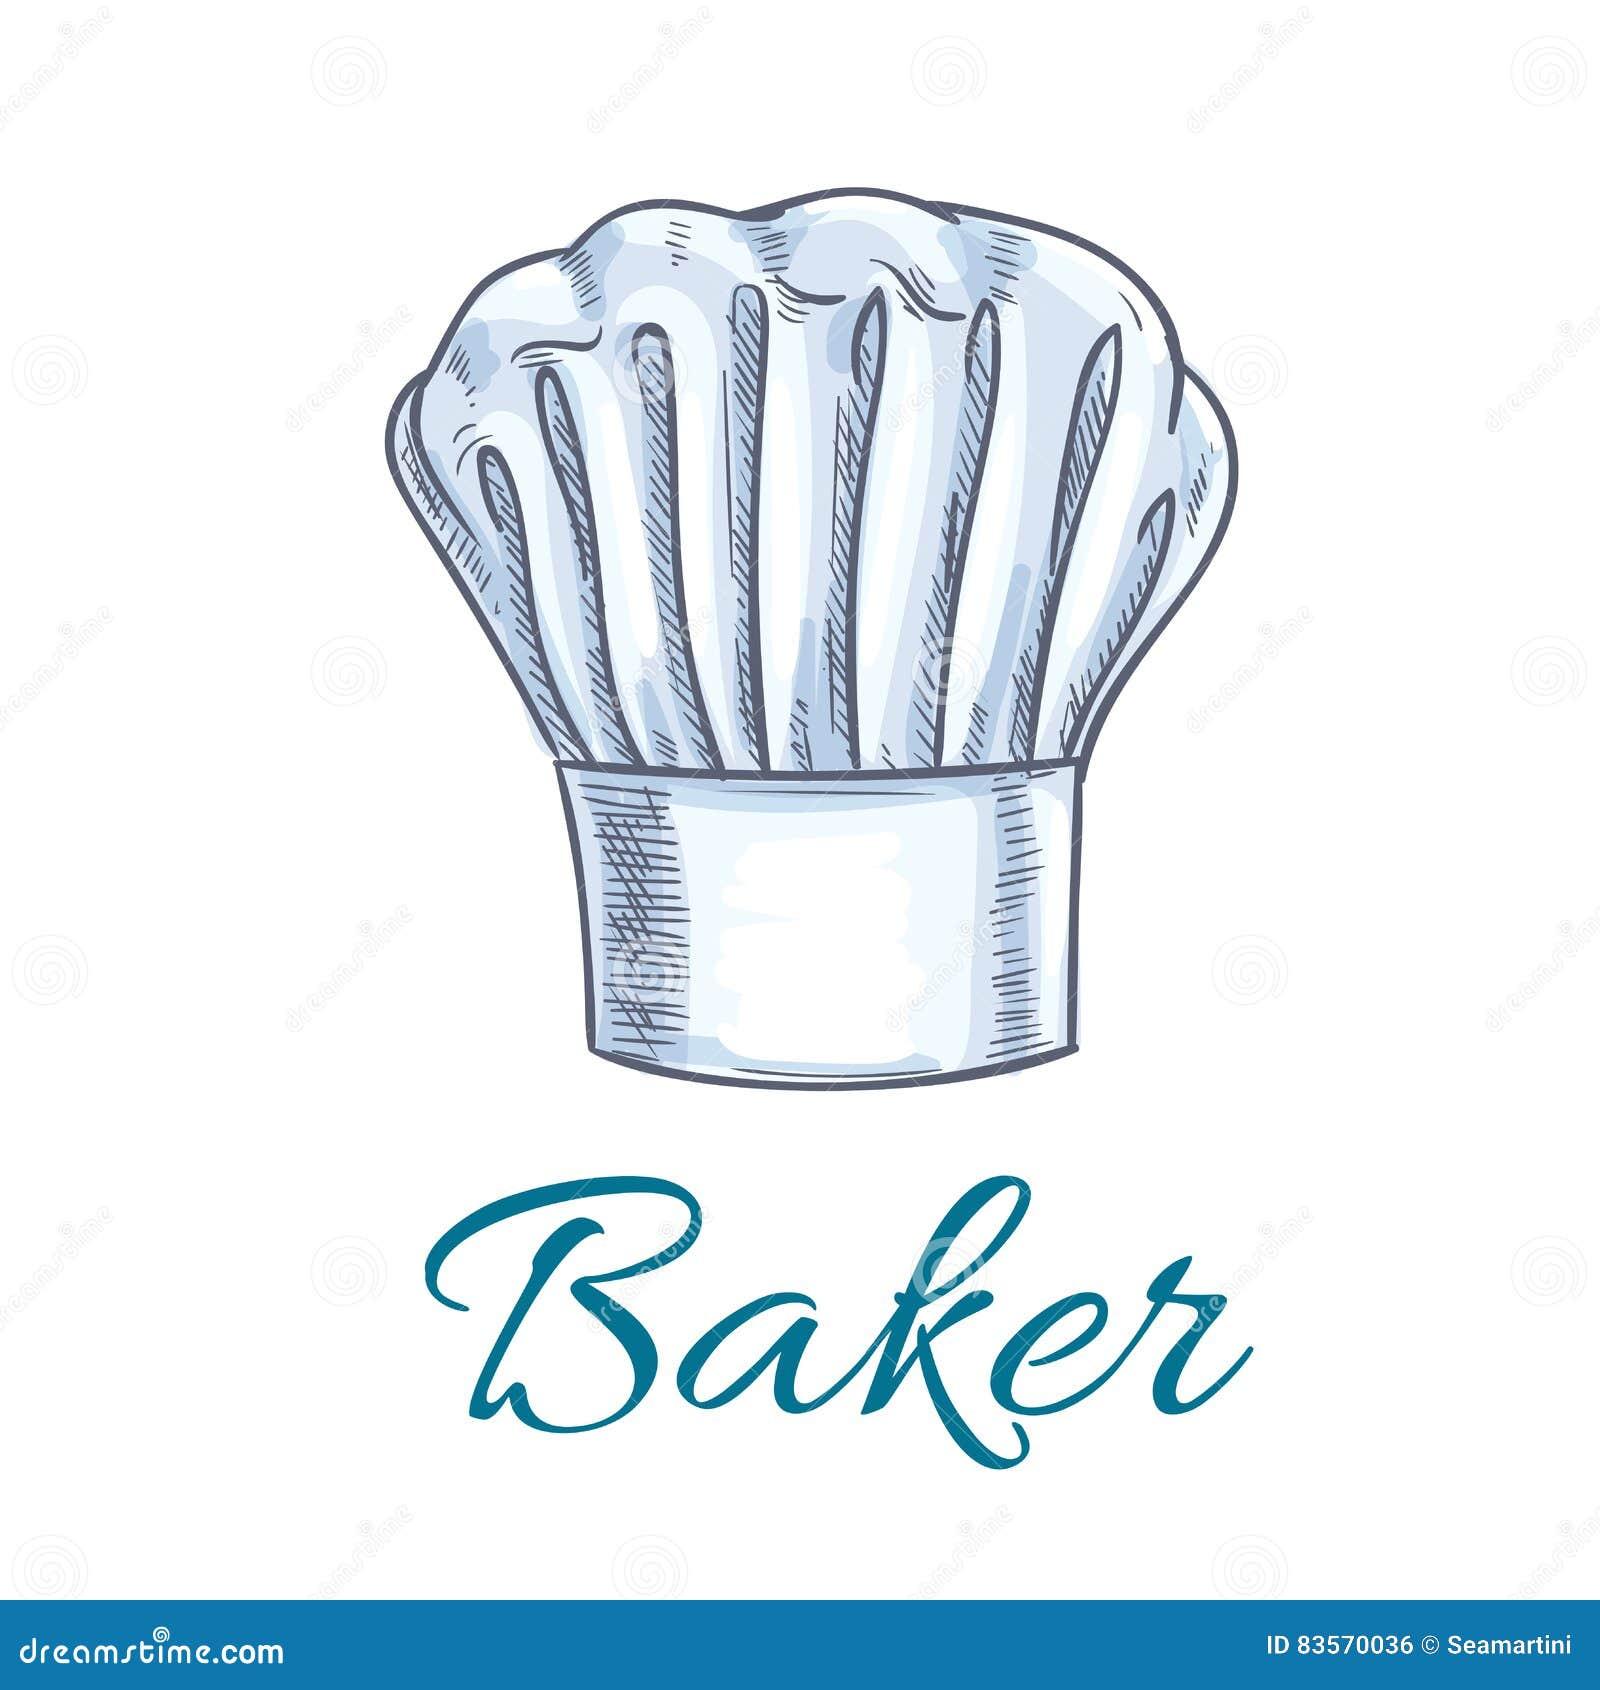 Schizzo del cappuccio del cappello o del panettiere del cuoco unico Toque  bianco di un personale della cucina del ristorante francese o italiano di  cucina ... ecdf83c62e66